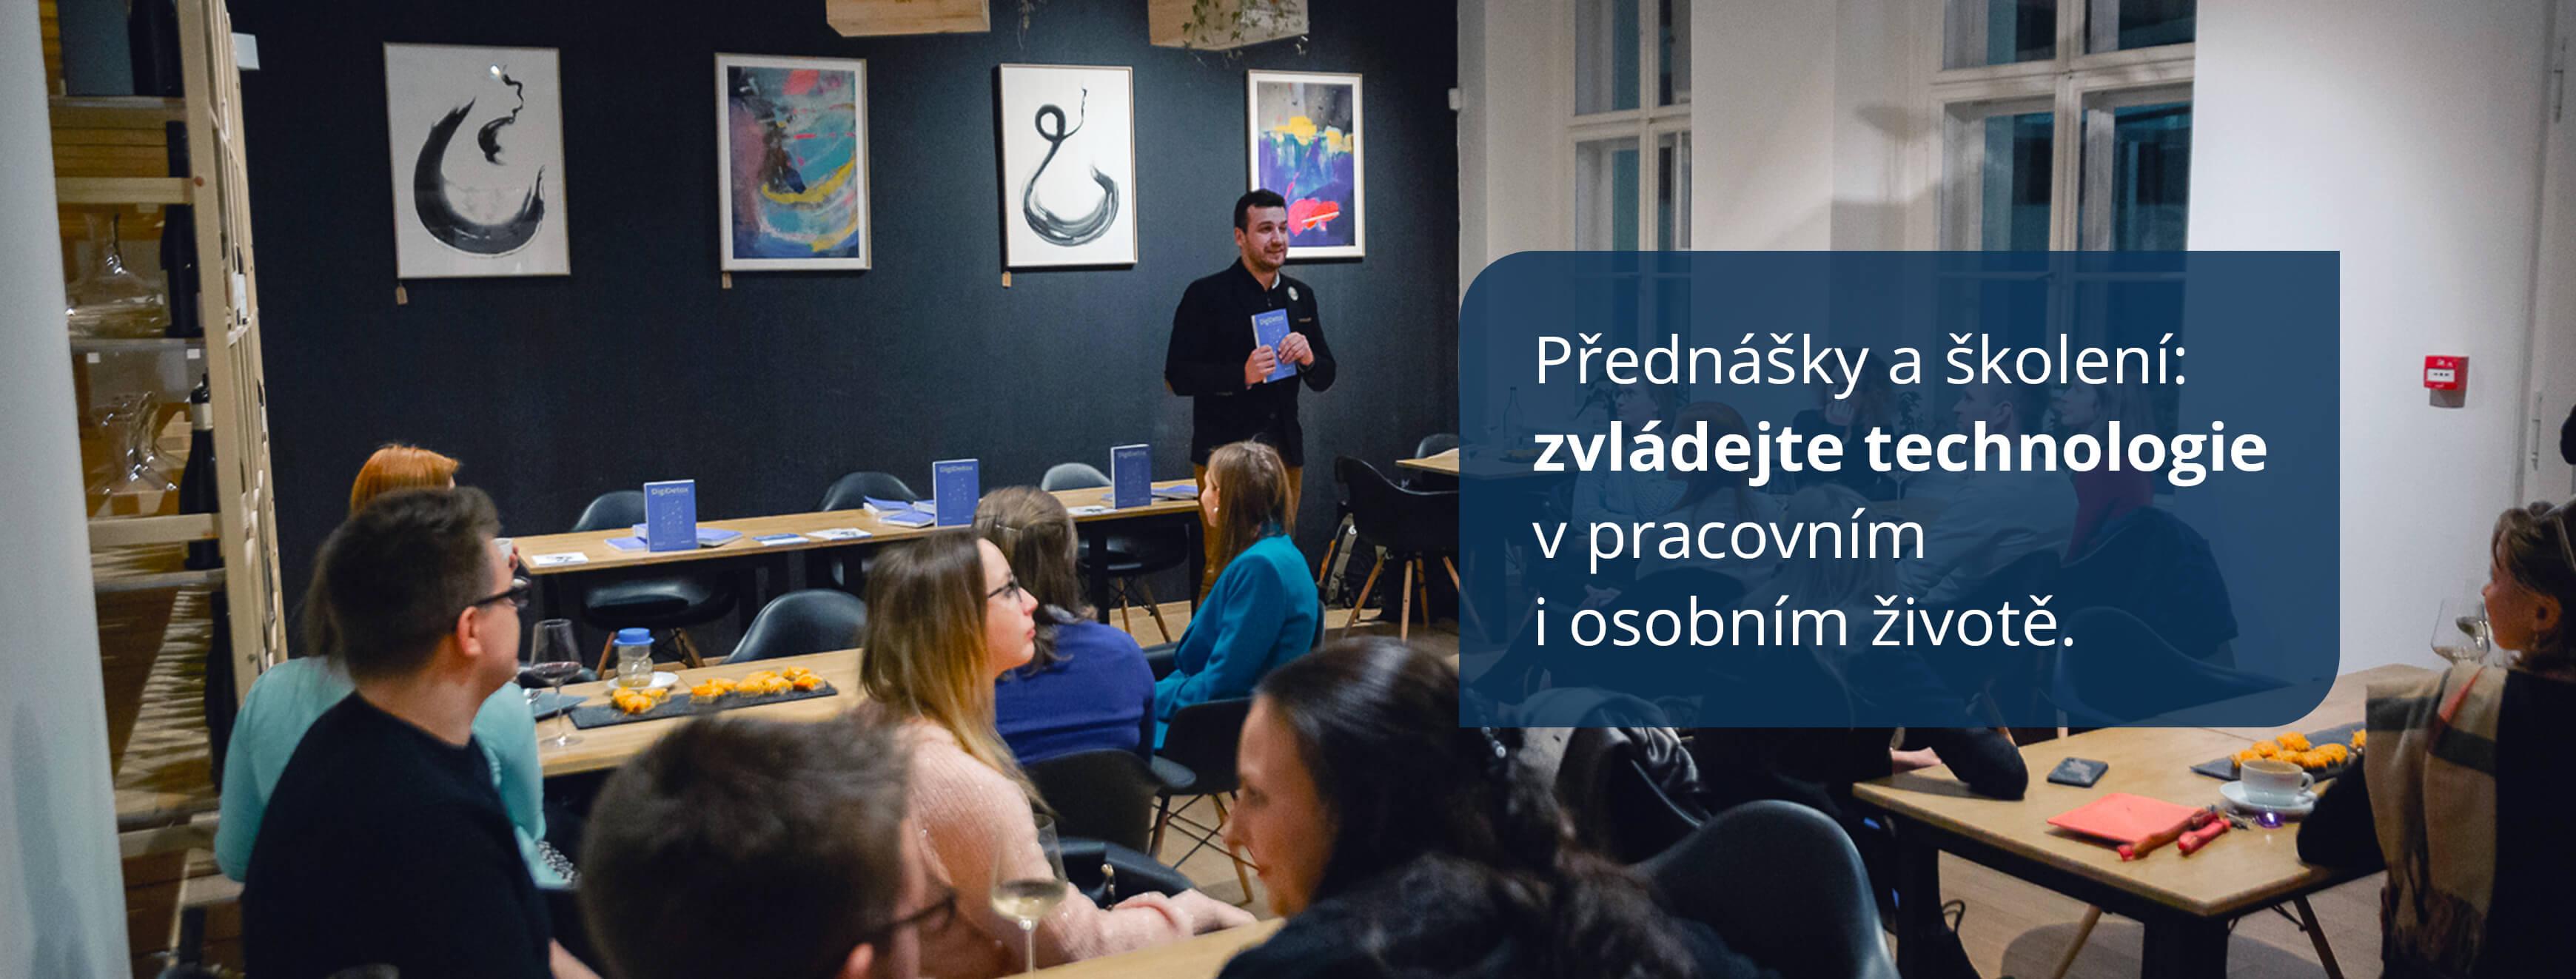 Přednášky Matěj Krejčí